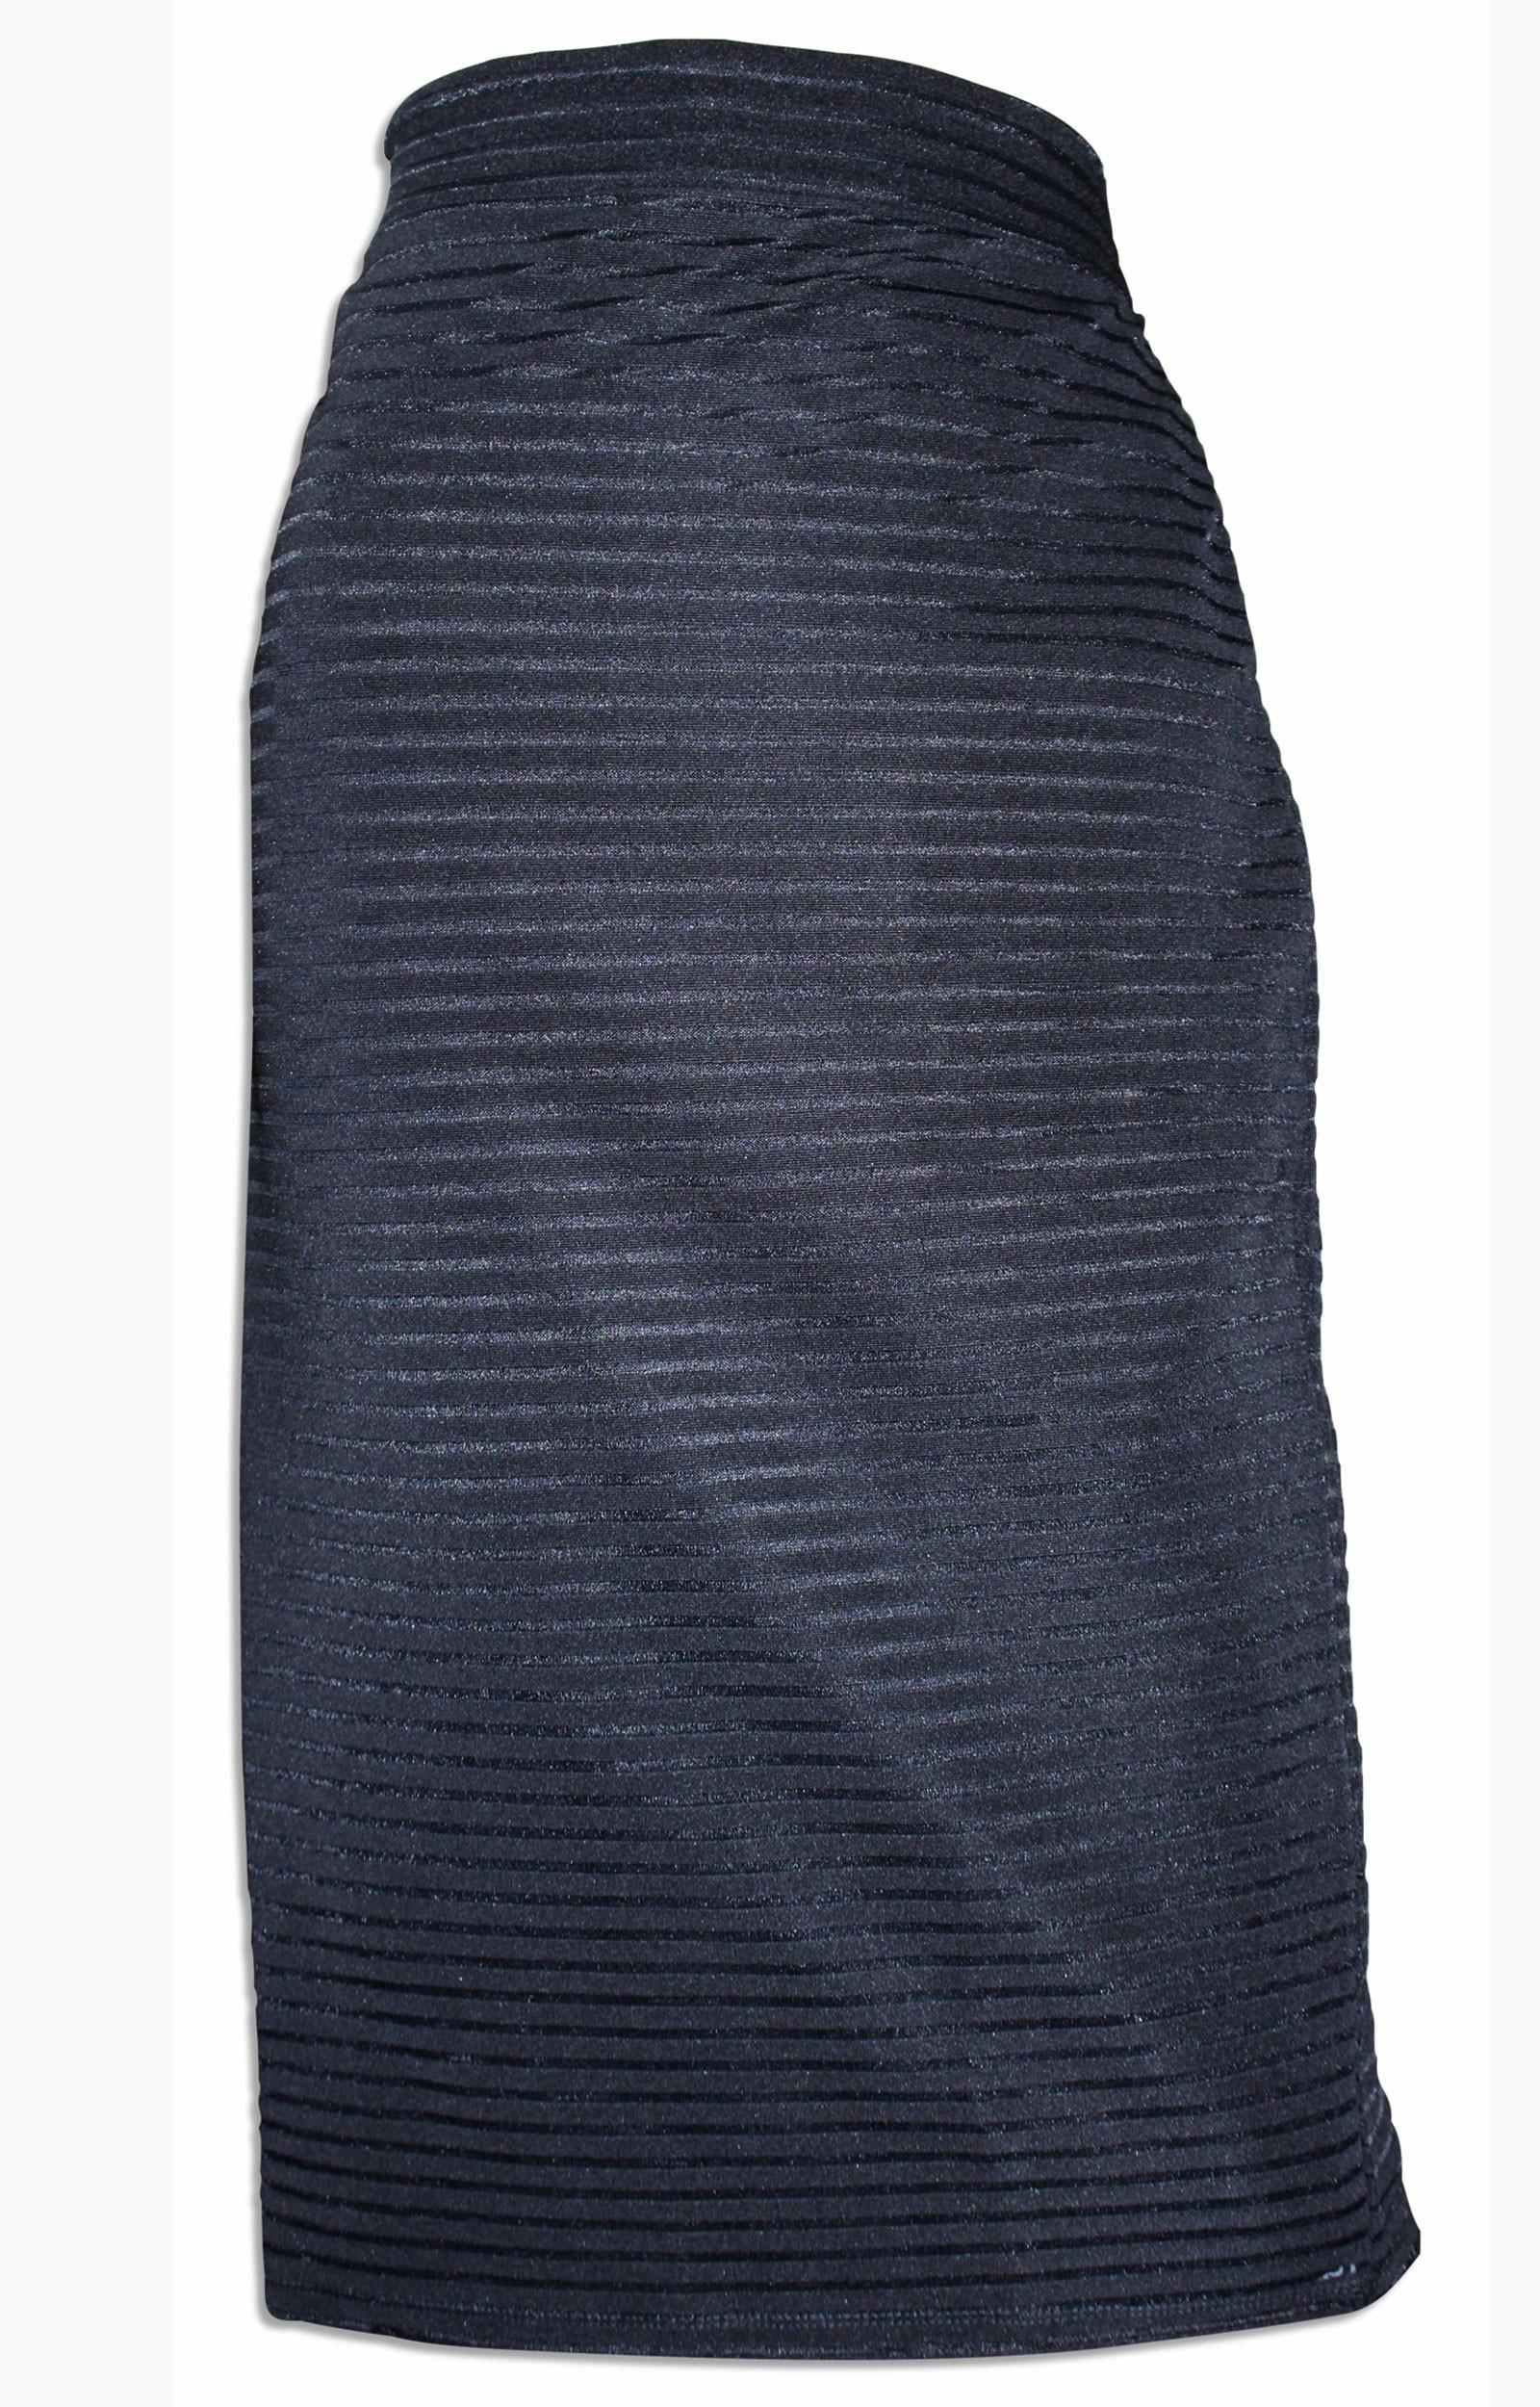 4a580ce6d877 Wholesale DP Black Plus Size Skirt